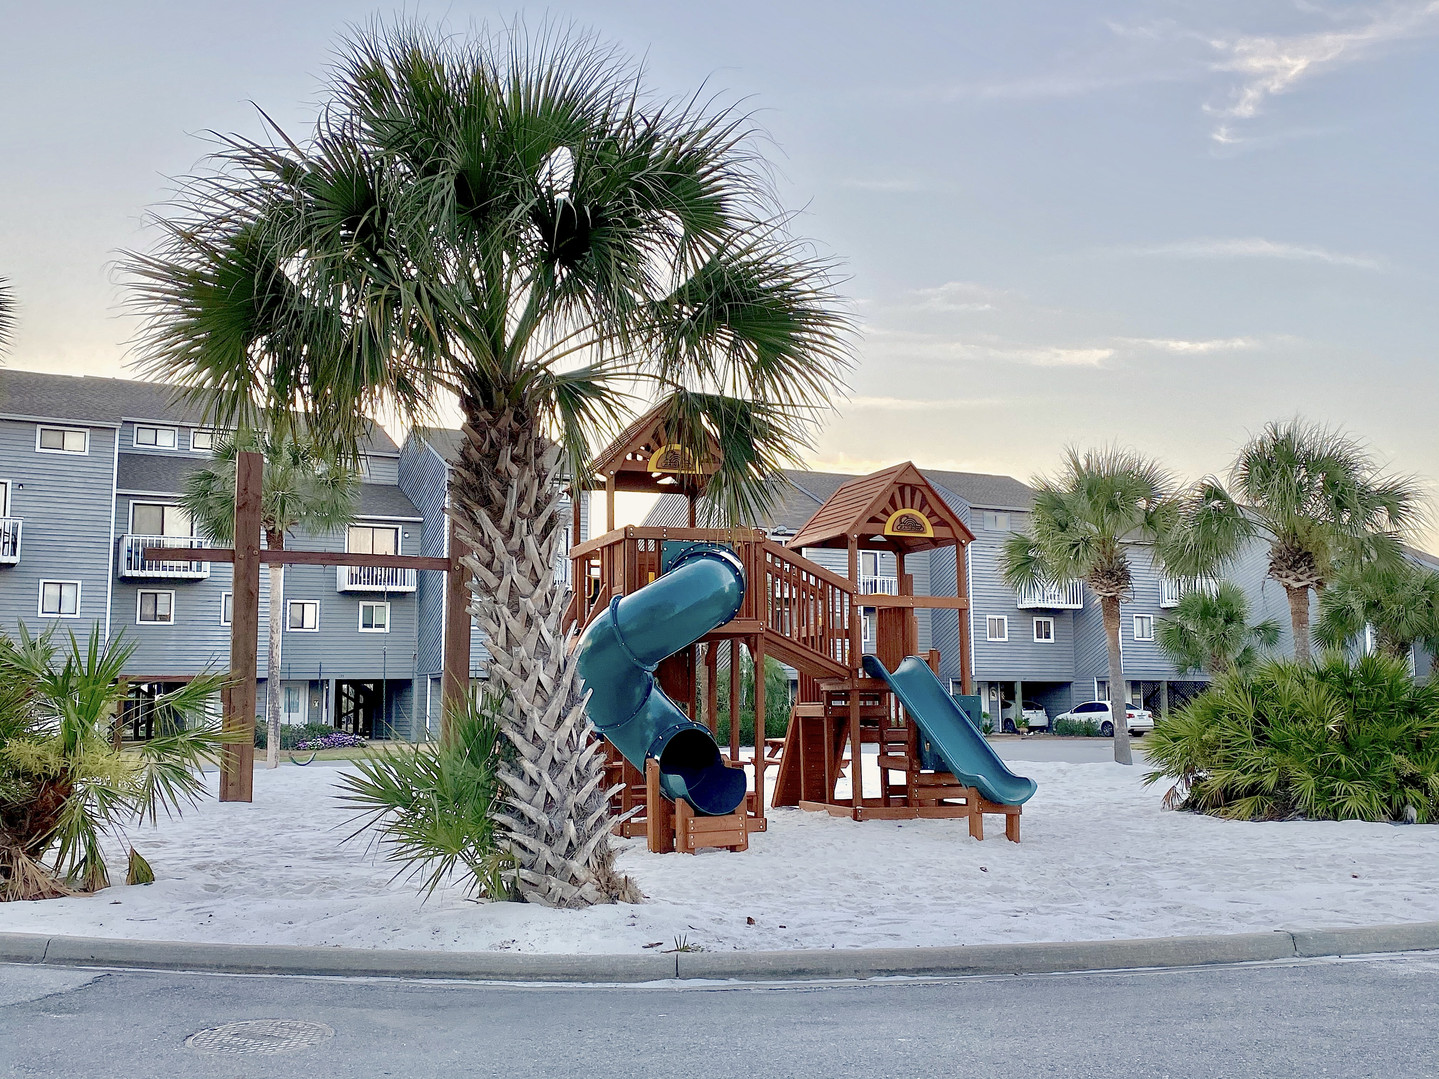 33 Community Playground